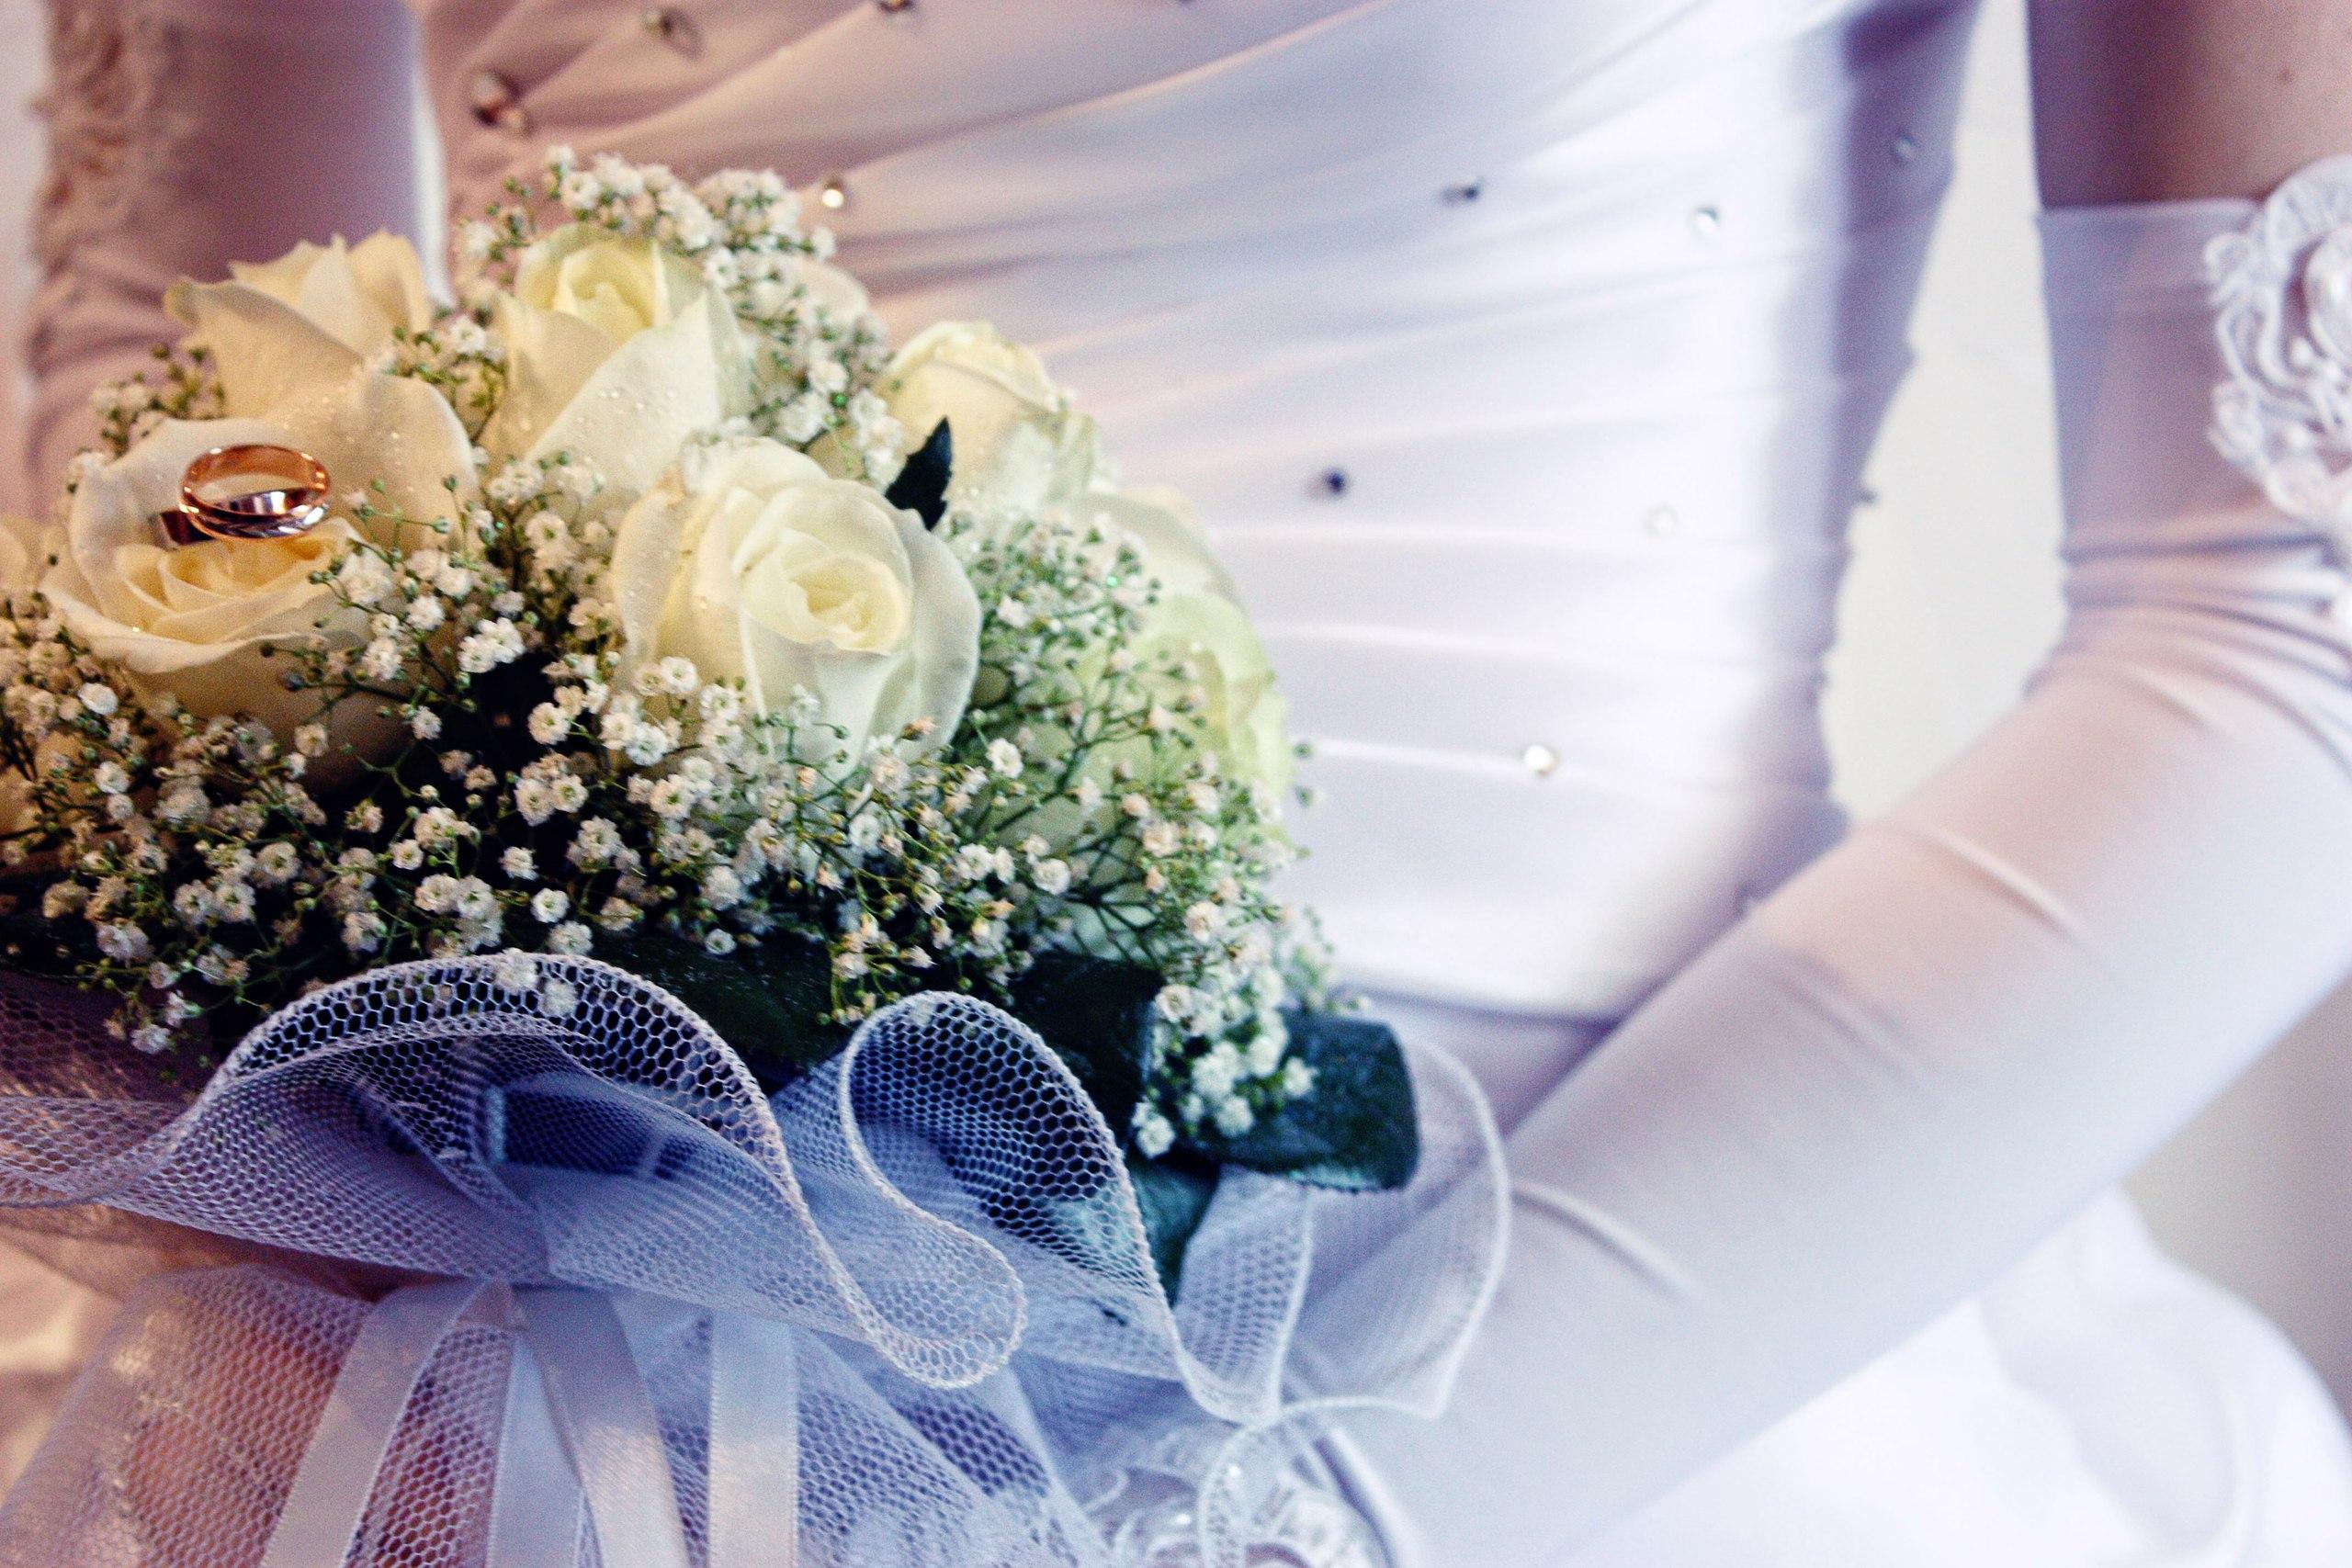 bxghUmMg4gY - О чем не стоит говорить с молодоженами перед свадьбой